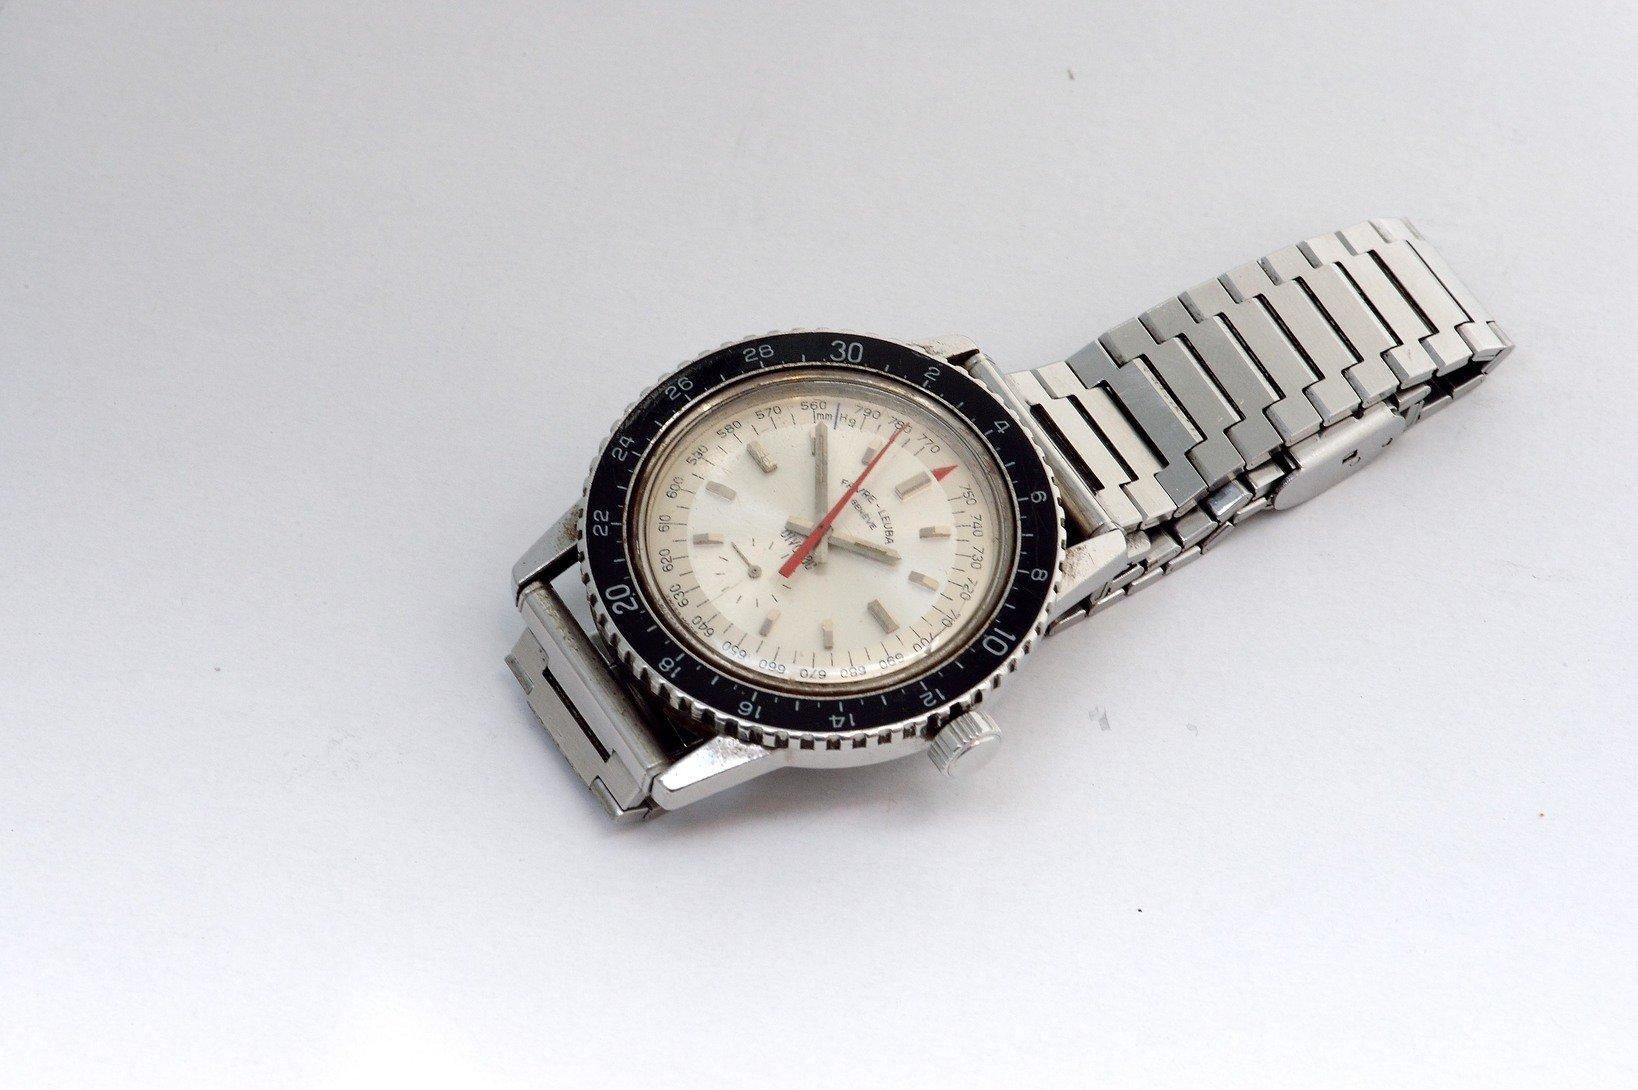 田部井淳子氏がエベレスト登頂の際に用いたファーブル・ルーバの腕時計「ビバーク」